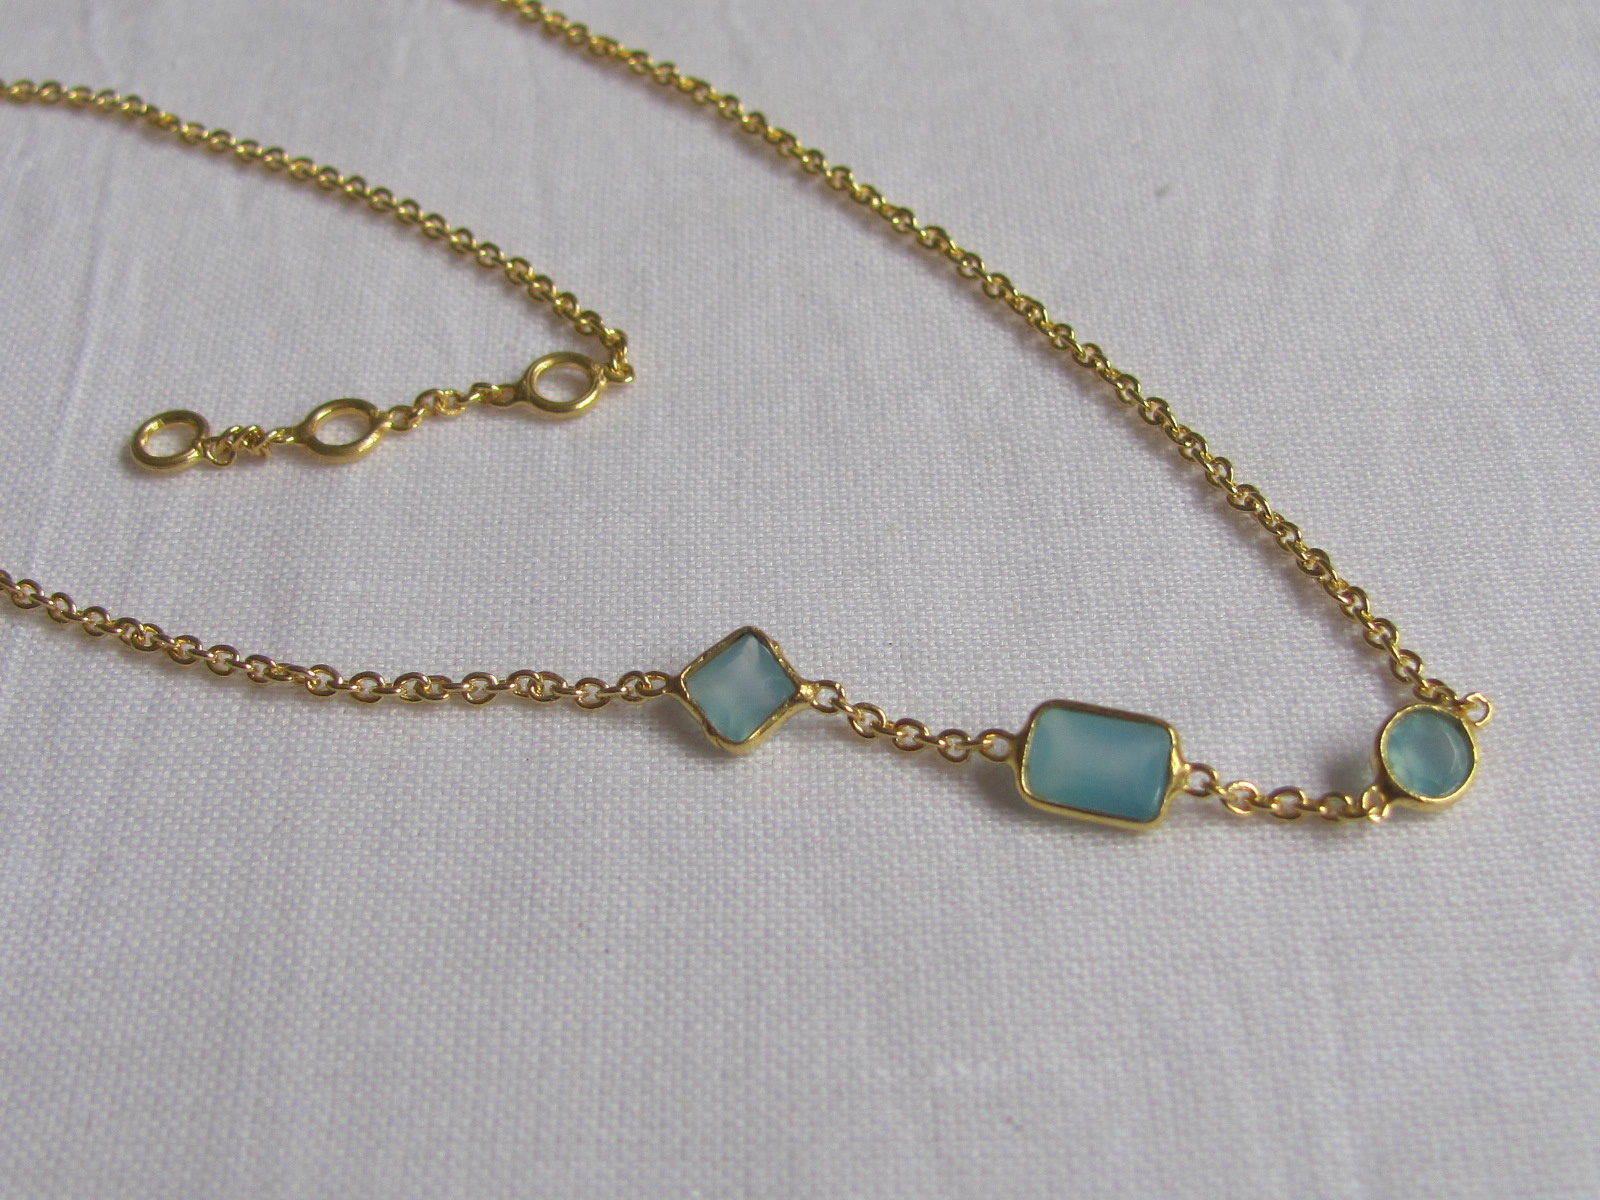 Halsketting goud op zilver met calceadon steentjes